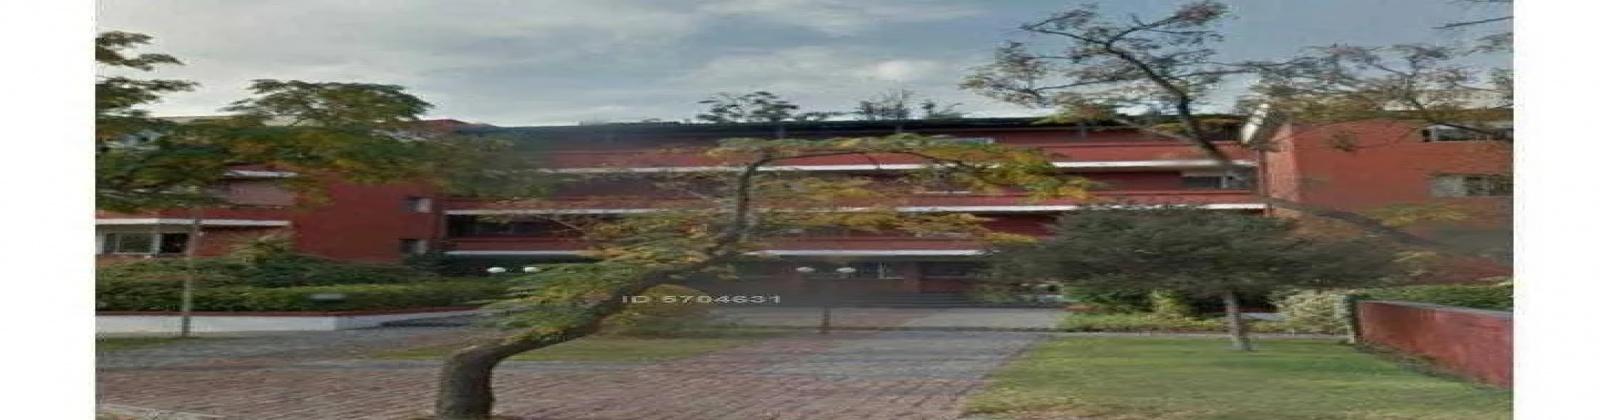 1750 Alcantara, Las Condes, R. Metropolitana, 2 Habitaciones Habitaciones, ,1 BañoBathrooms,Departamento,Arriendo,Alcantara,1076